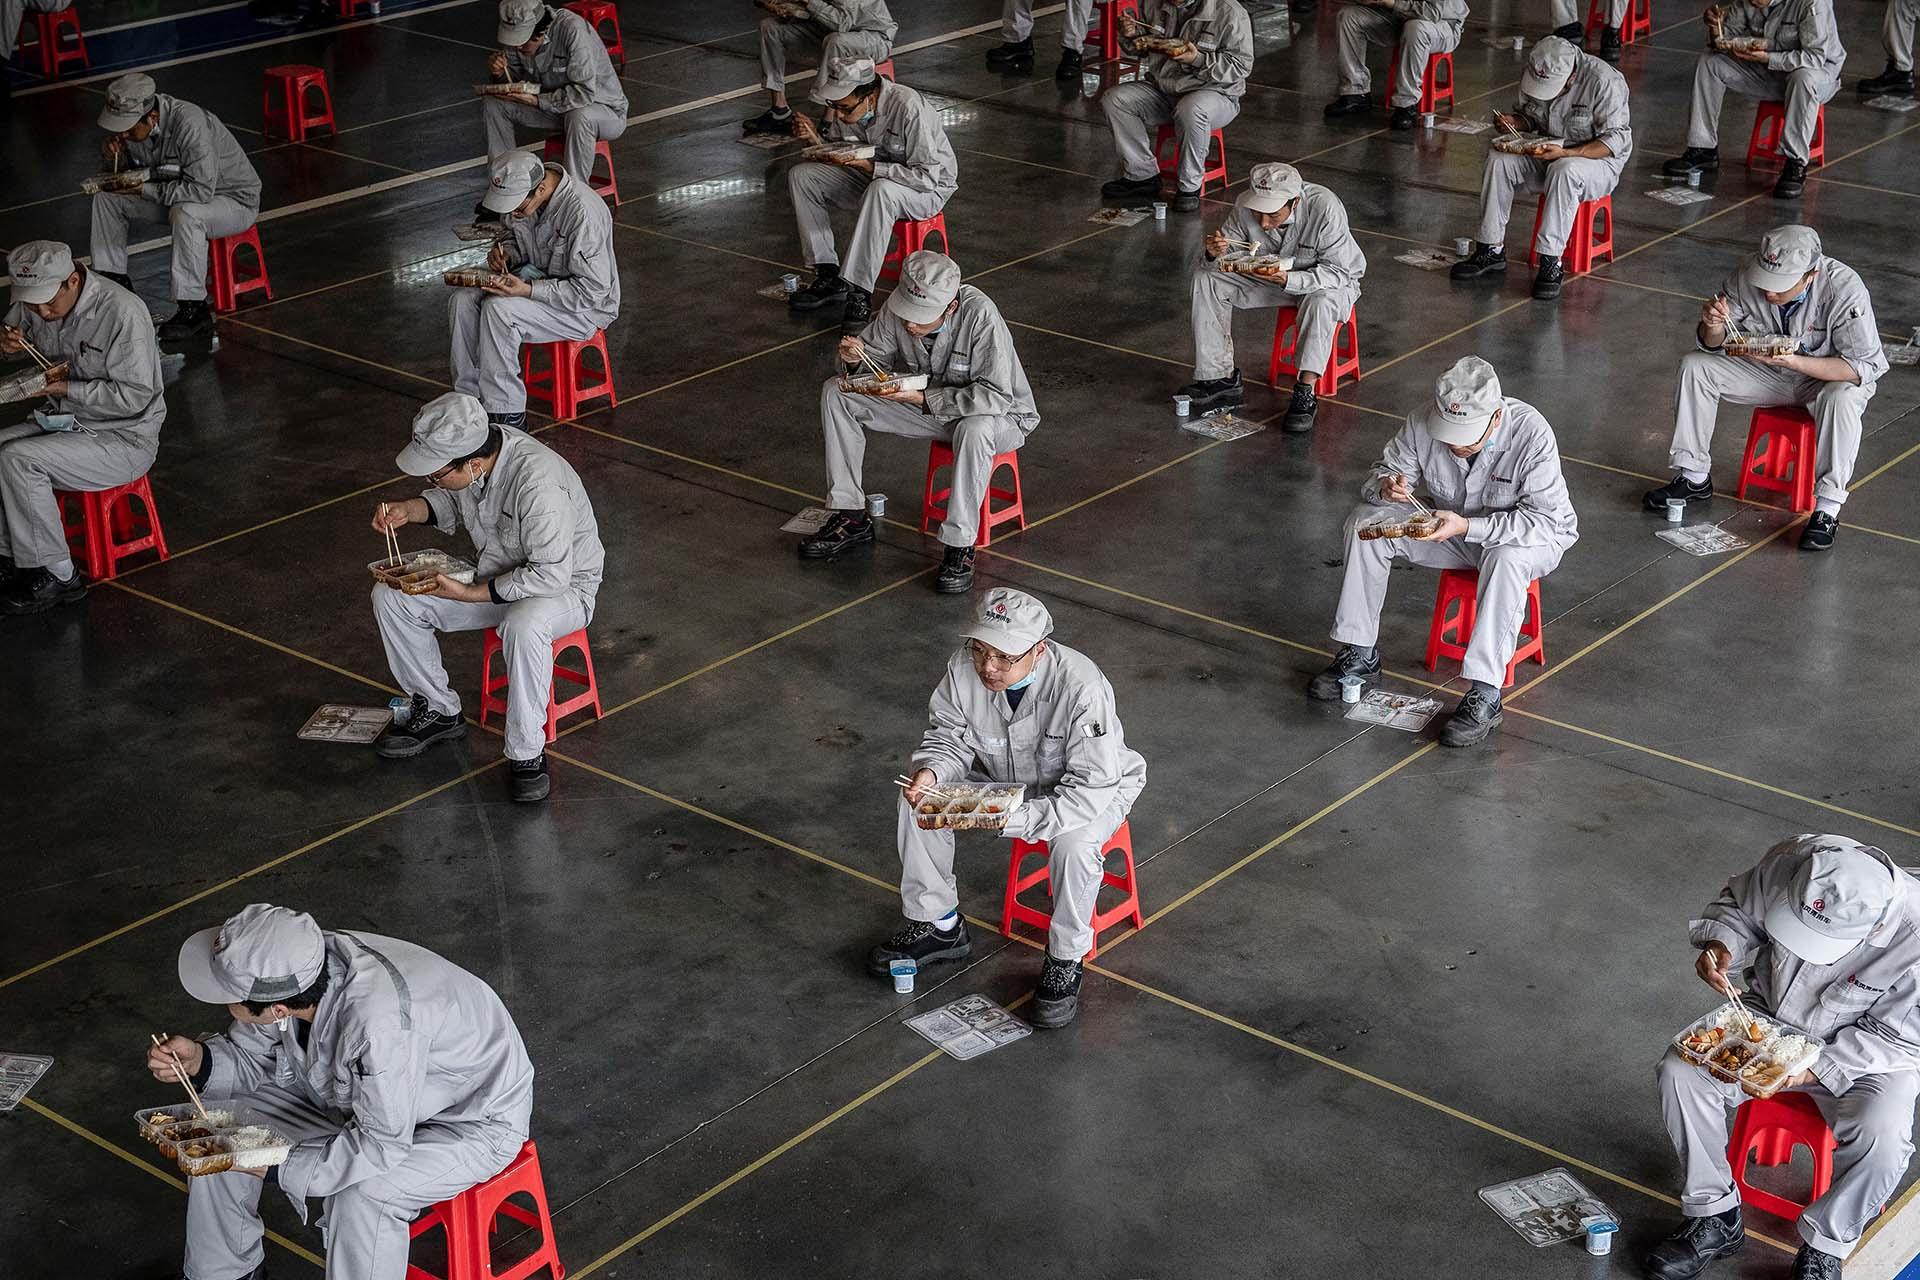 Empleados a la hora del almuerzo en una fábrica de automoviles, Honda, en Wuhan, donde comenzó la pandemia y esta semana fueron autorizados a regresar a sus trabajos.